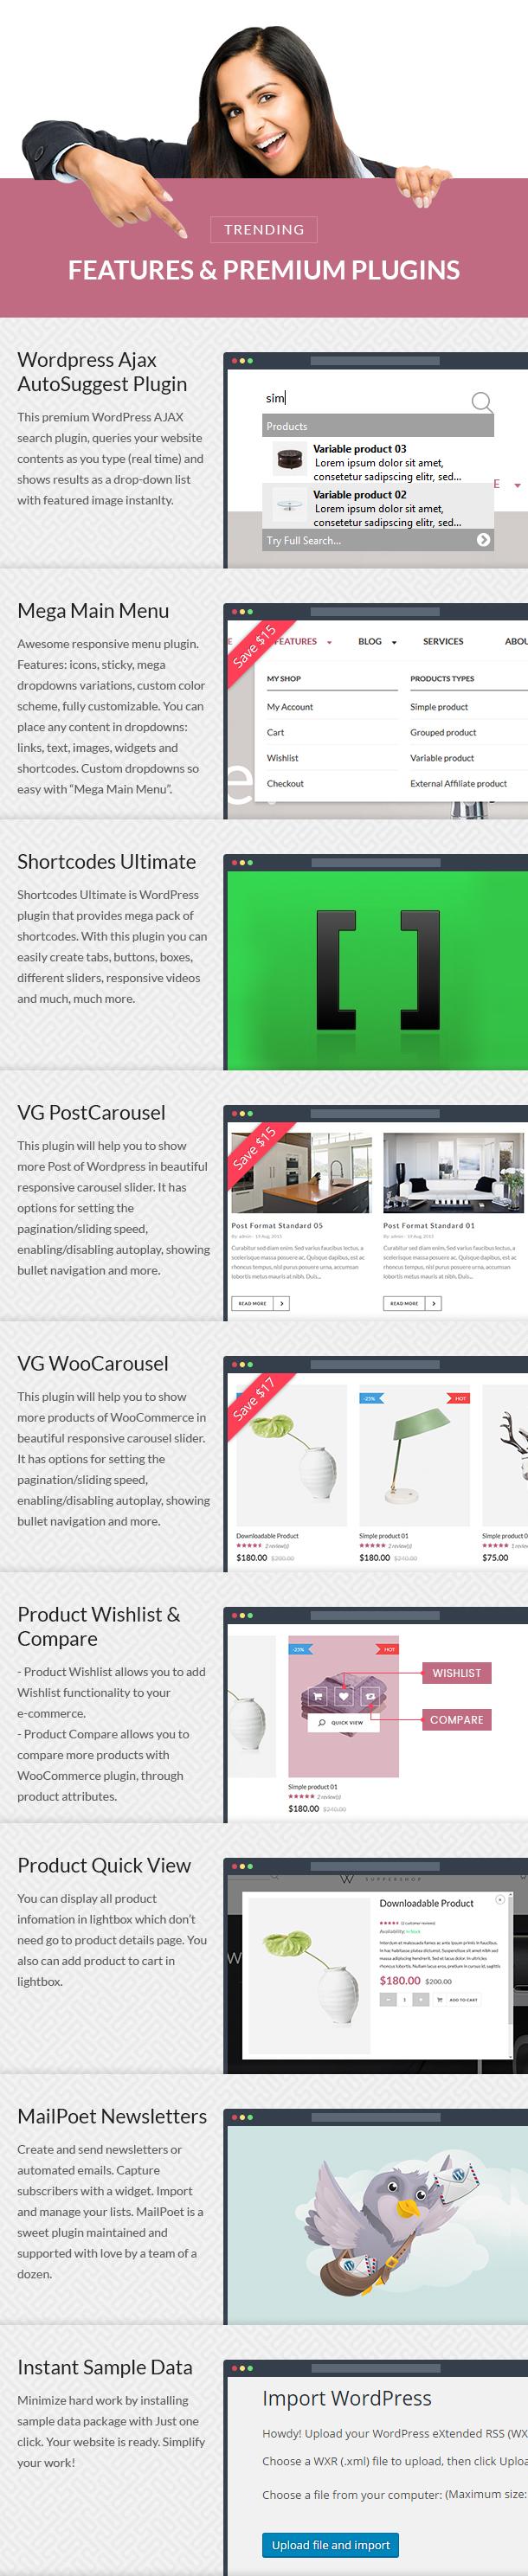 VG Vonia - Minimalist, Clean WooCommerce Theme - 25